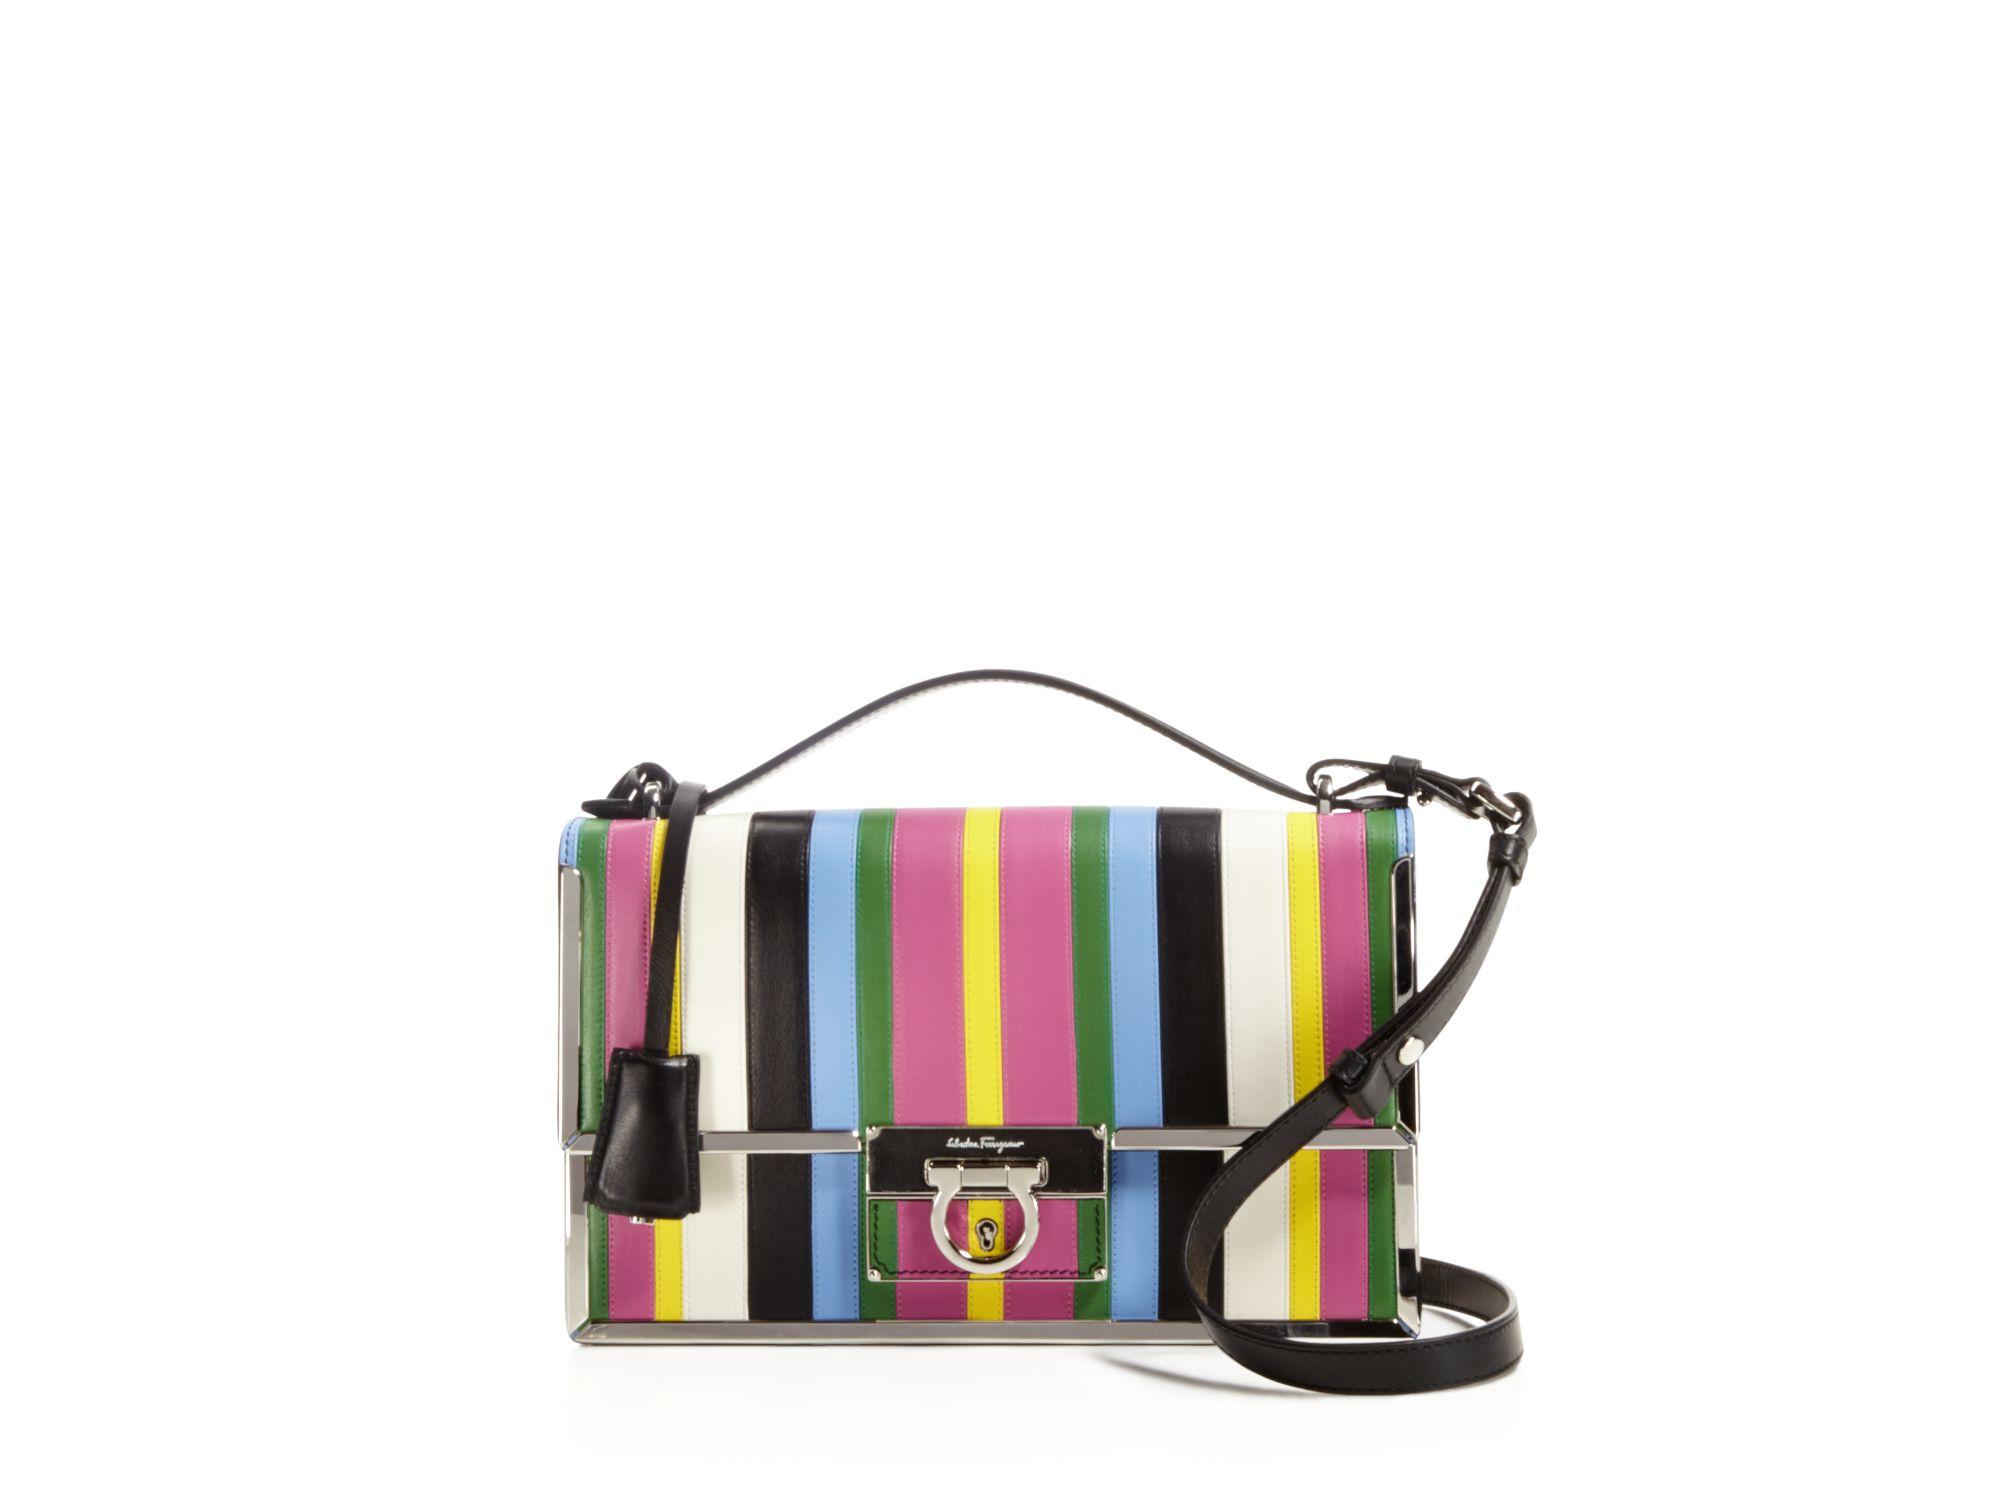 Lyst - Ferragamo Aileen Frame Rainbow Shoulder Bag ea11eab6b38d2